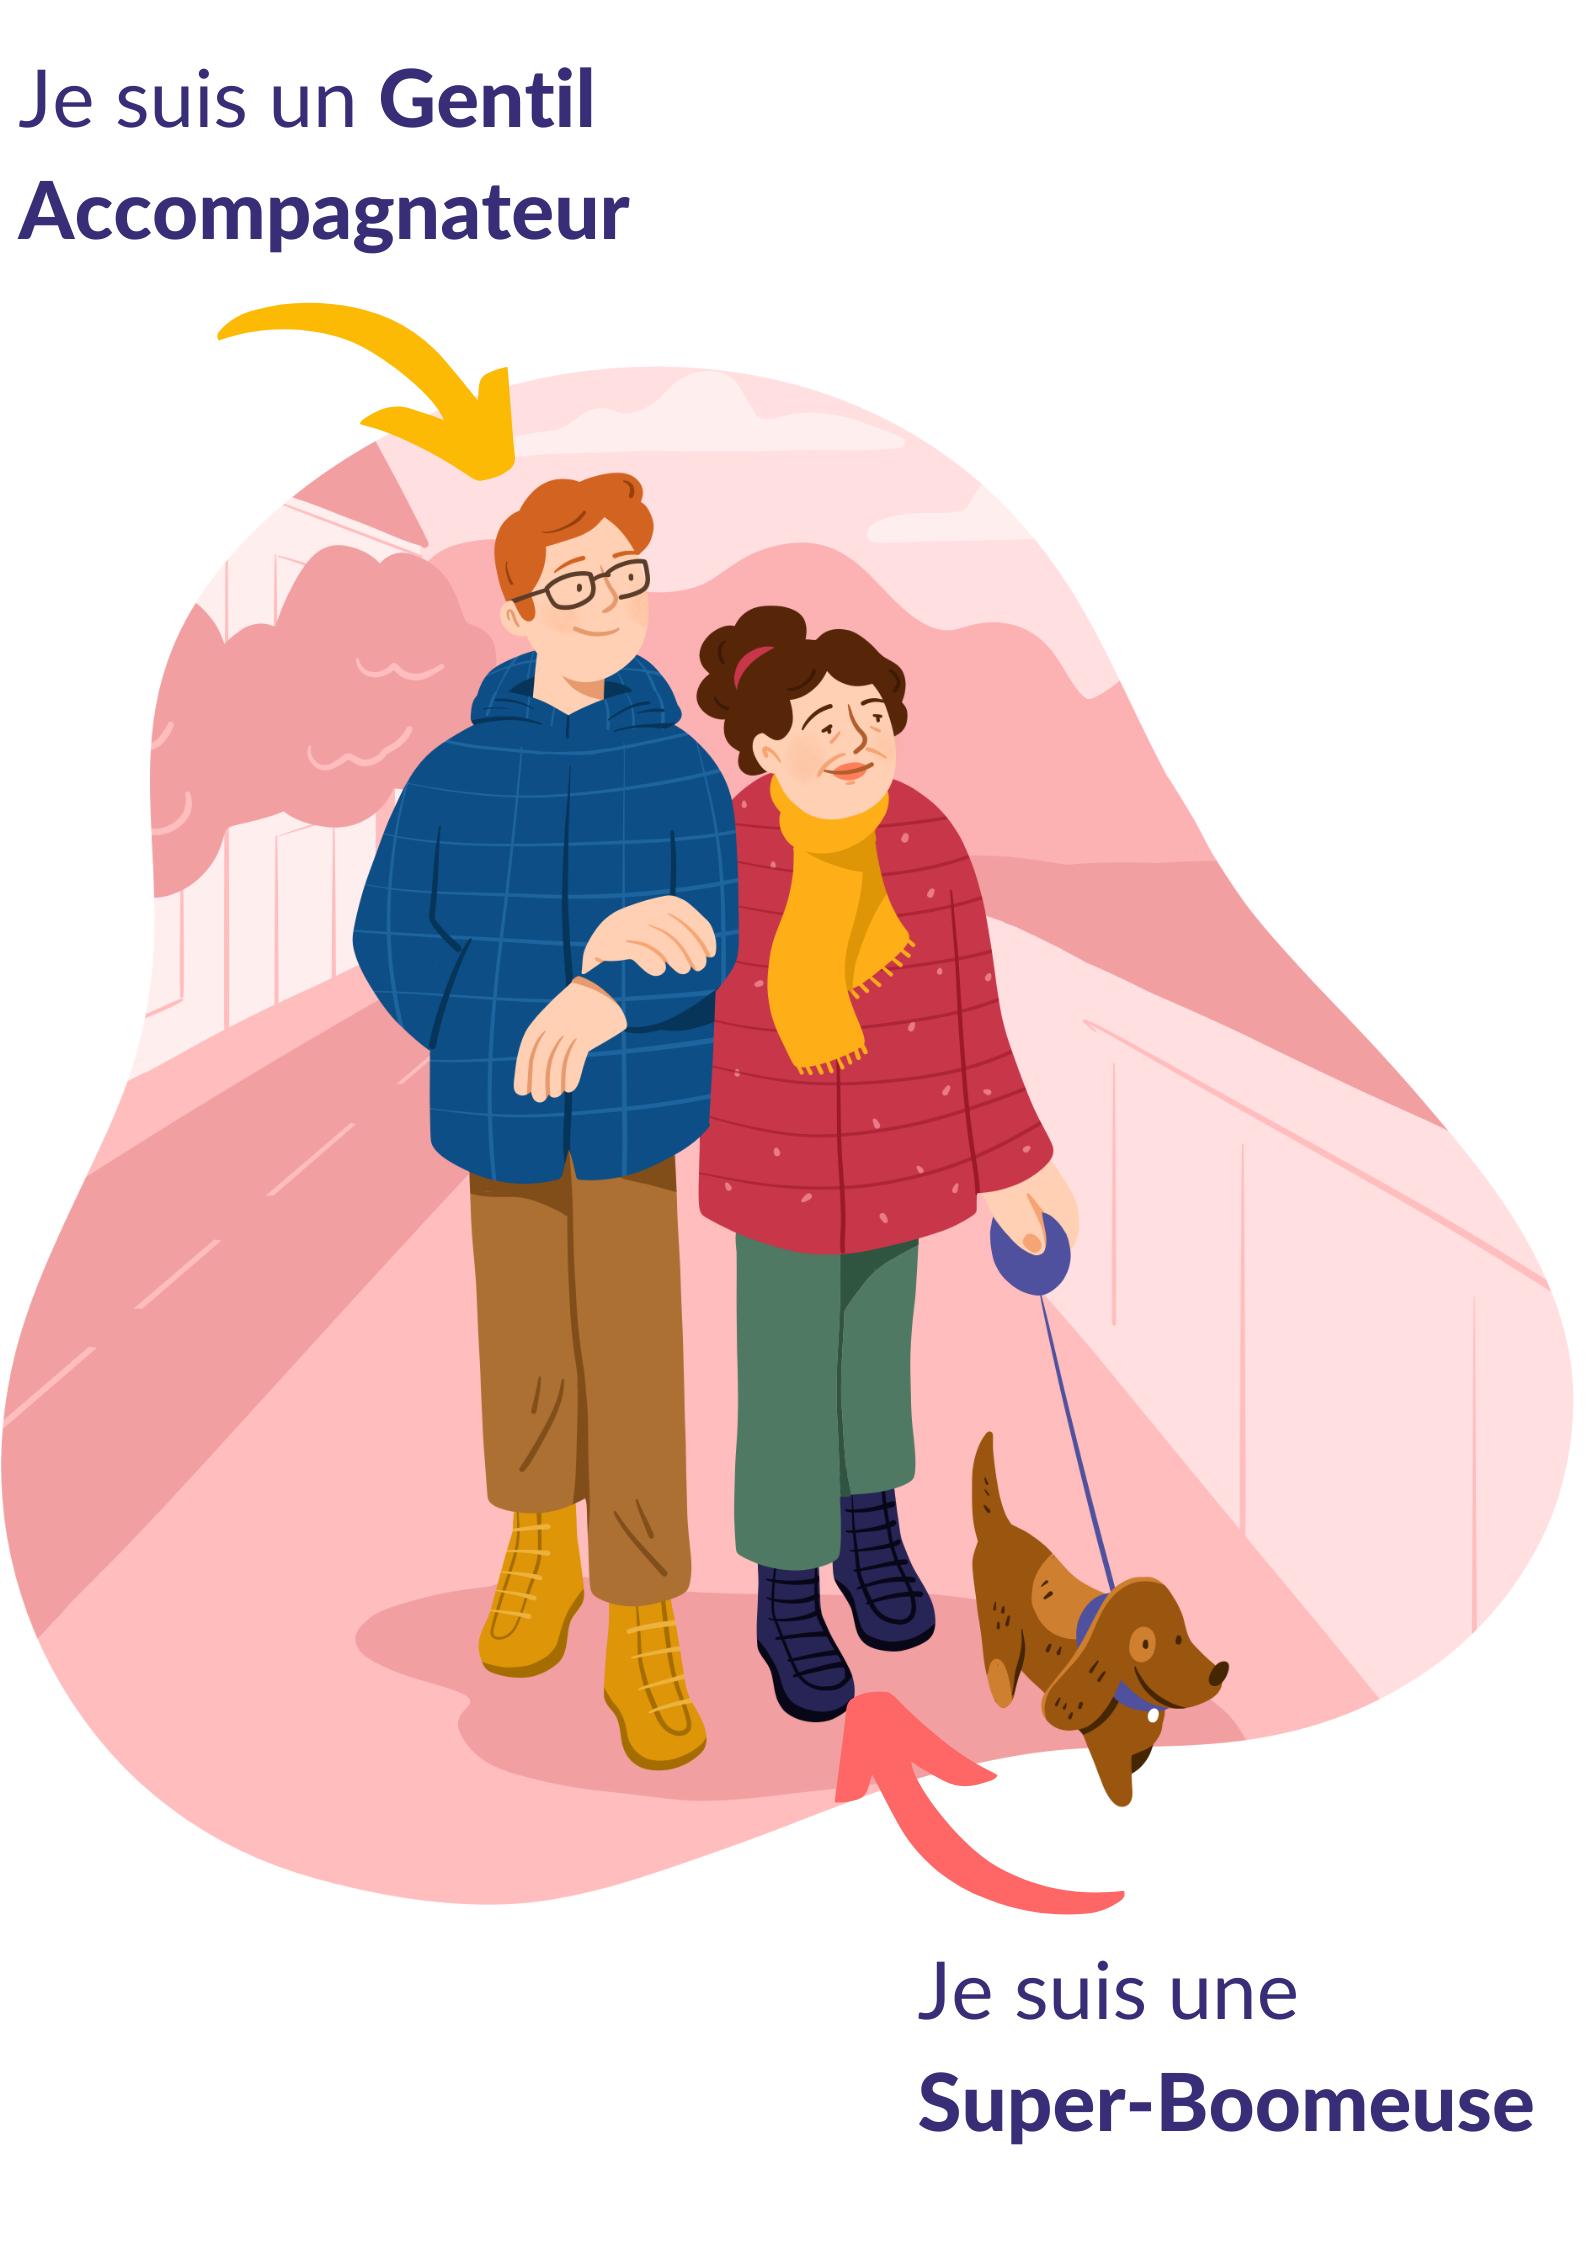 Gentil Accompagnateur et retraitée promènent un chien ensemble